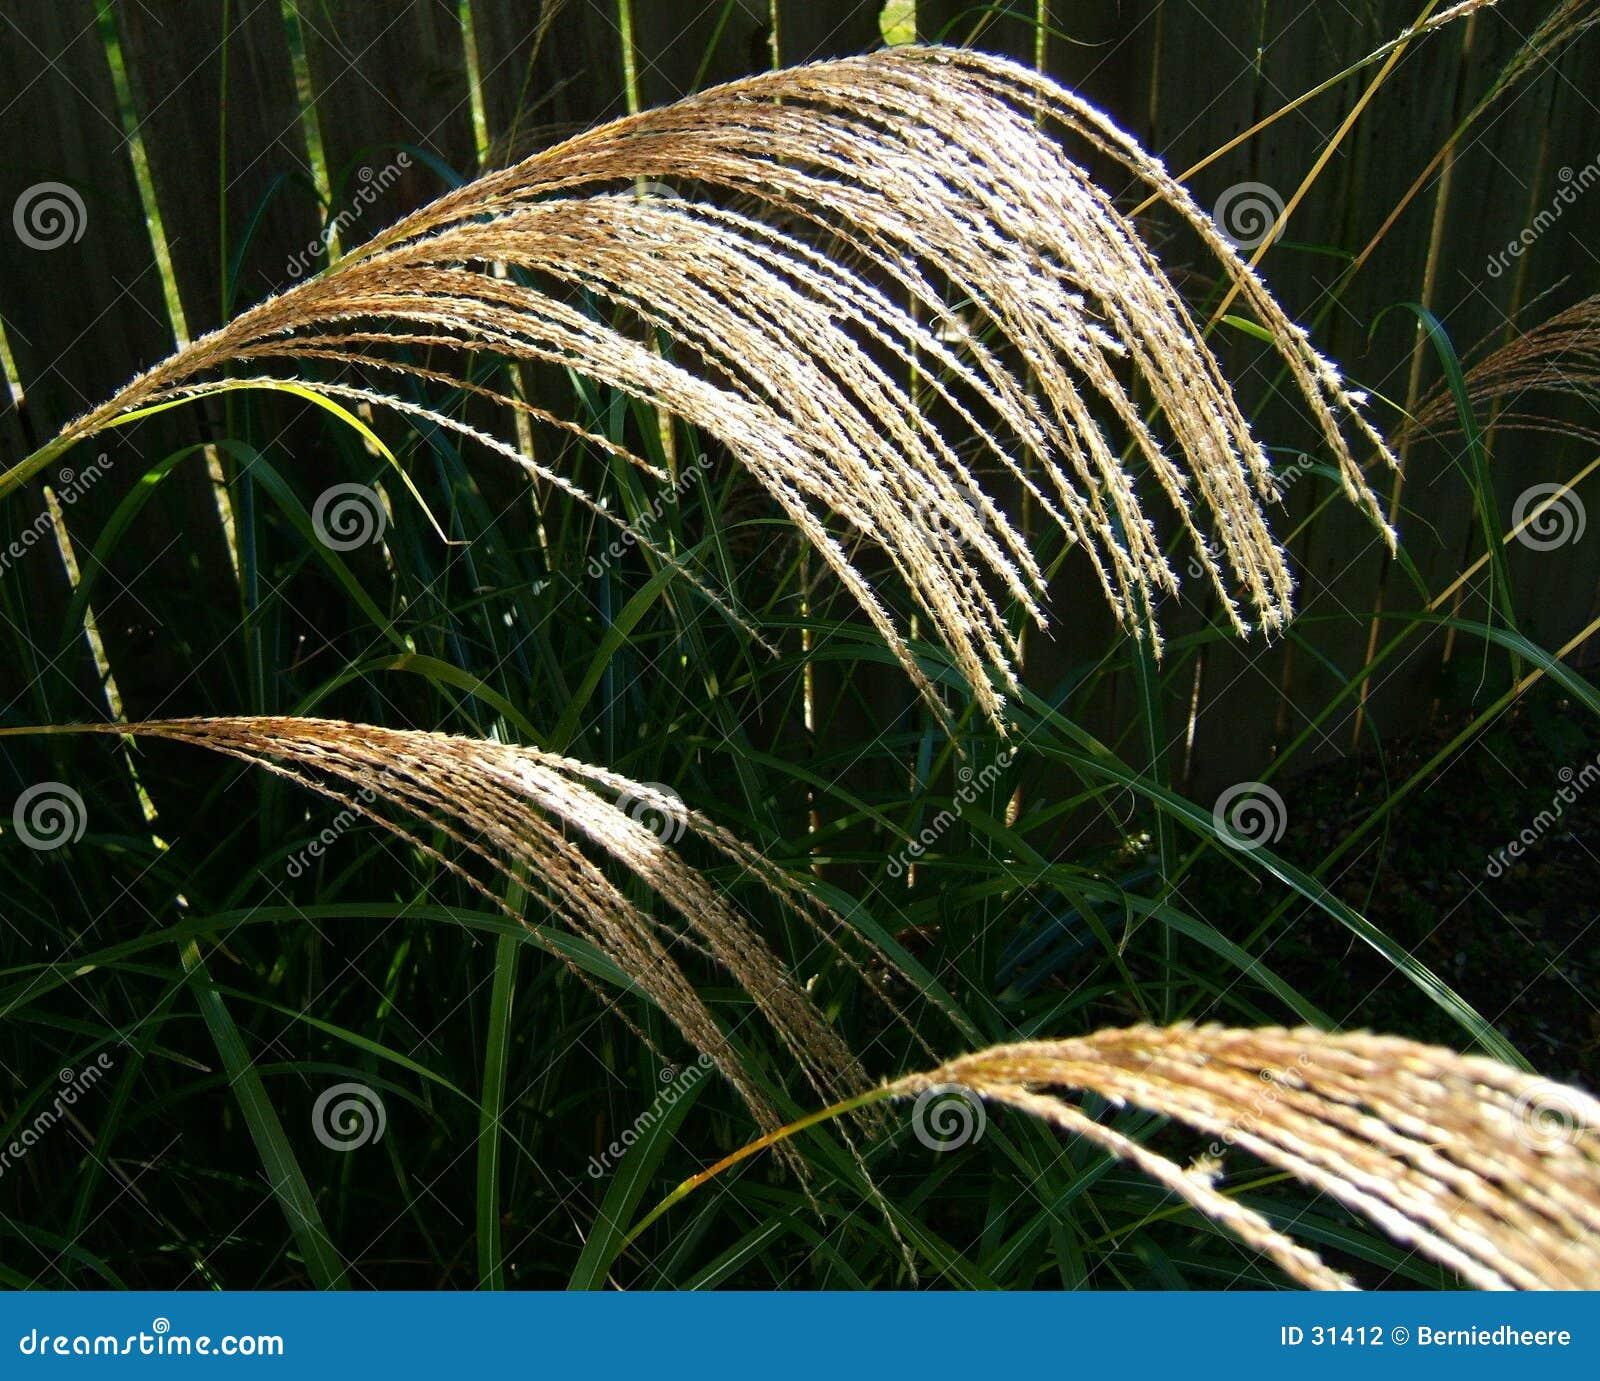 Cabeças altas da semente da grama